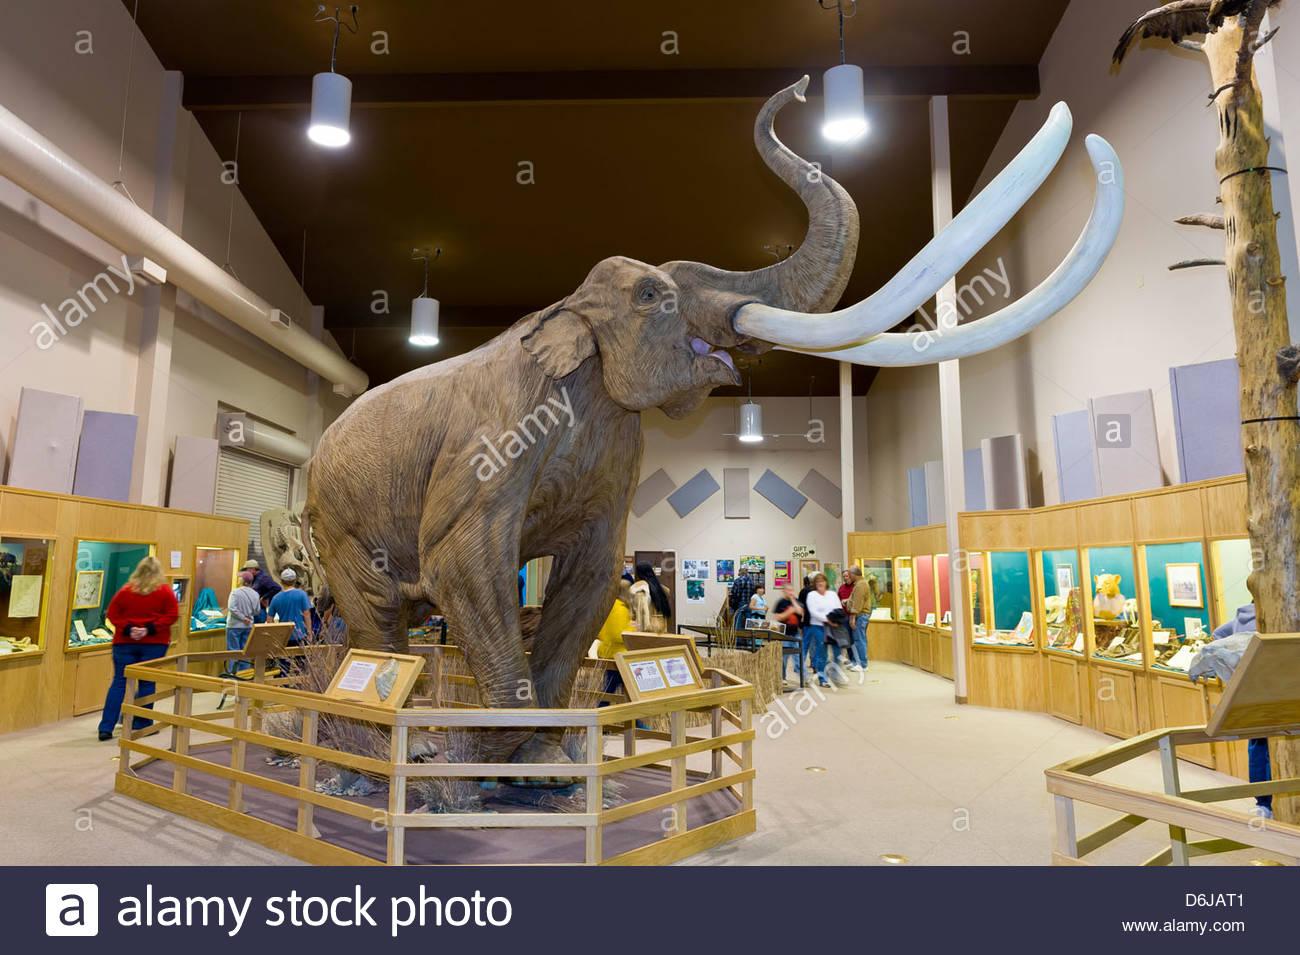 Wooly Mammoth, el Mamut de sitio (sitio paleontológico), Hot Springs, Dakota del Sur, EE.UU. Imagen De Stock